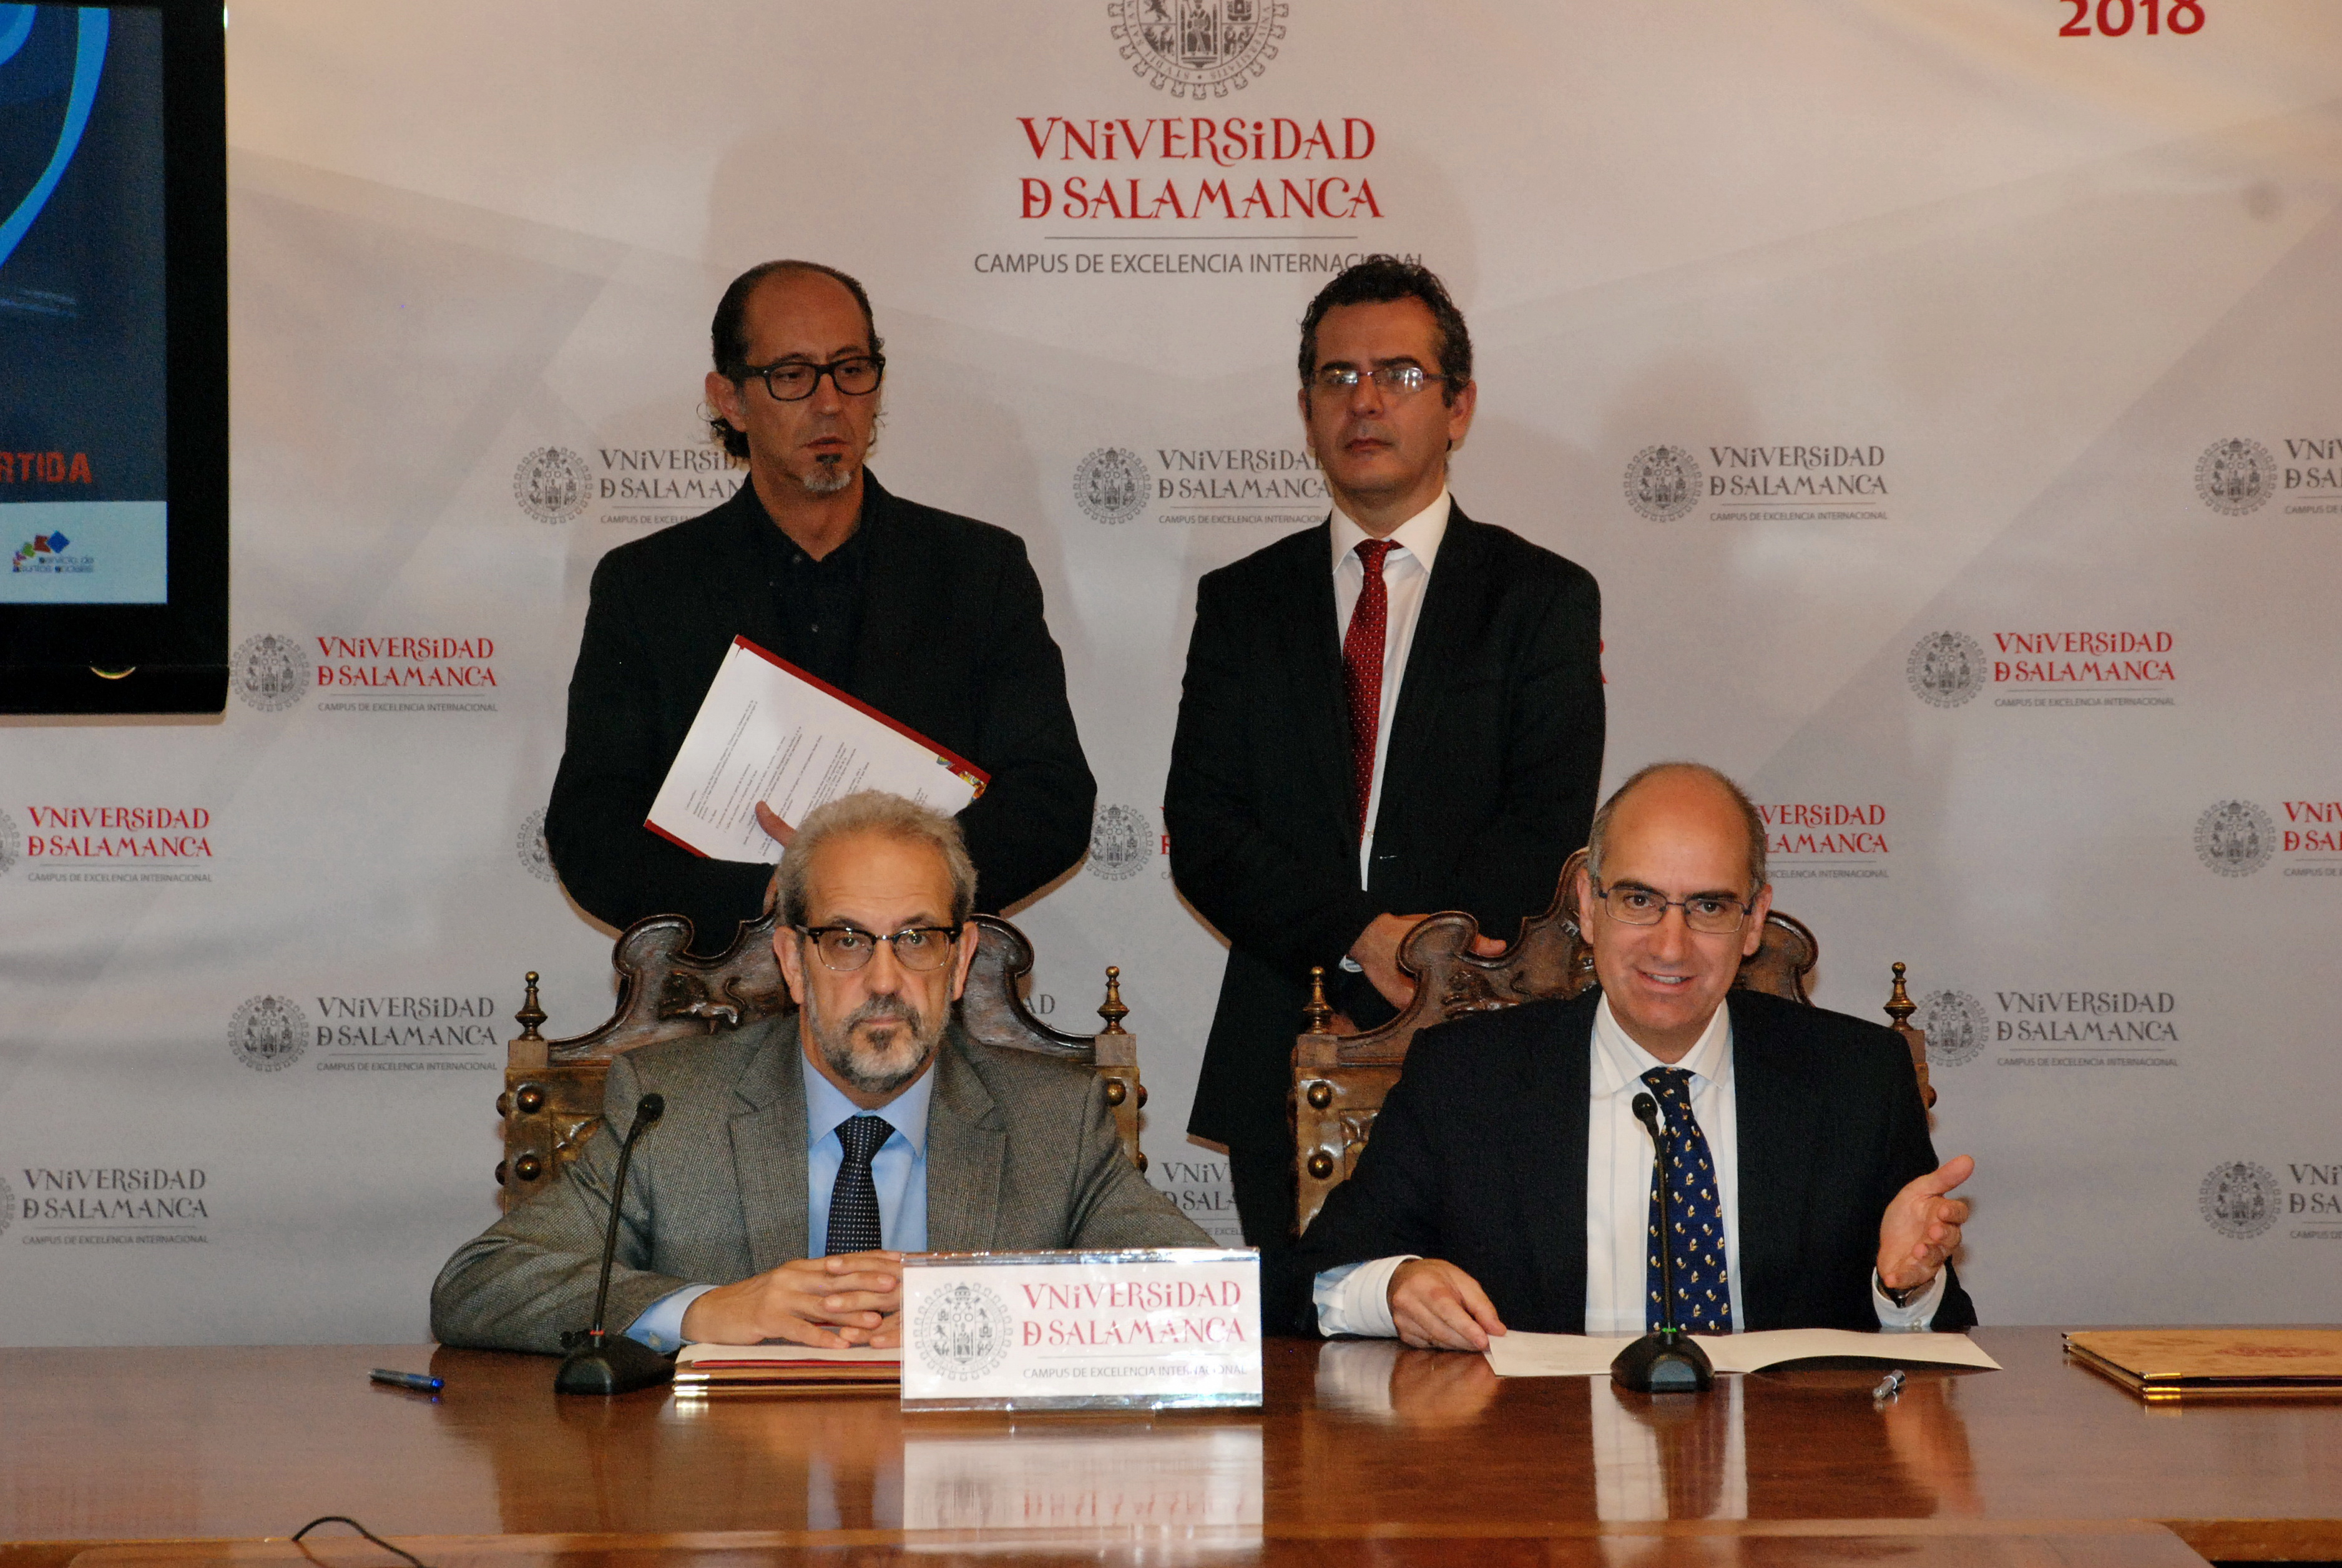 La Universidad y la Diputación Provincial impulsan la dinamización cultural de la zona rural de Salamanca